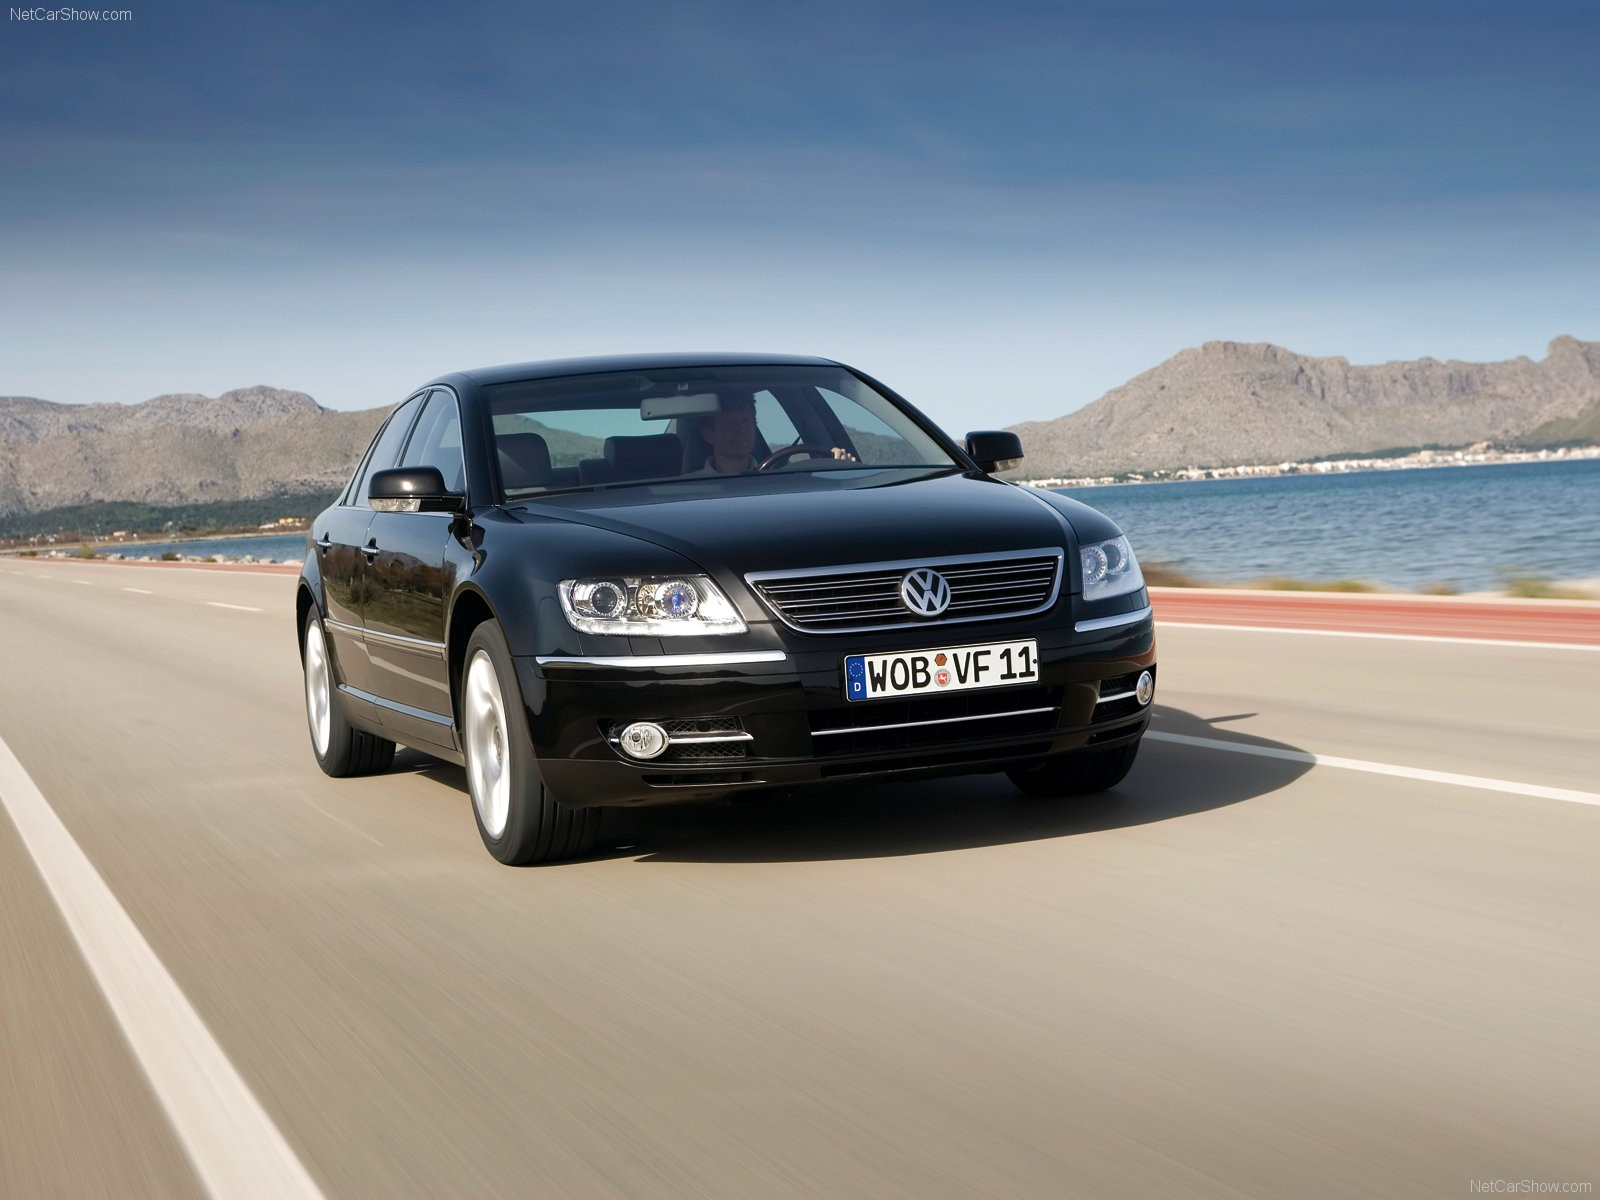 VW и Ауди отзывают неменее 280 тыс. авто из-за угрозы воспламенения